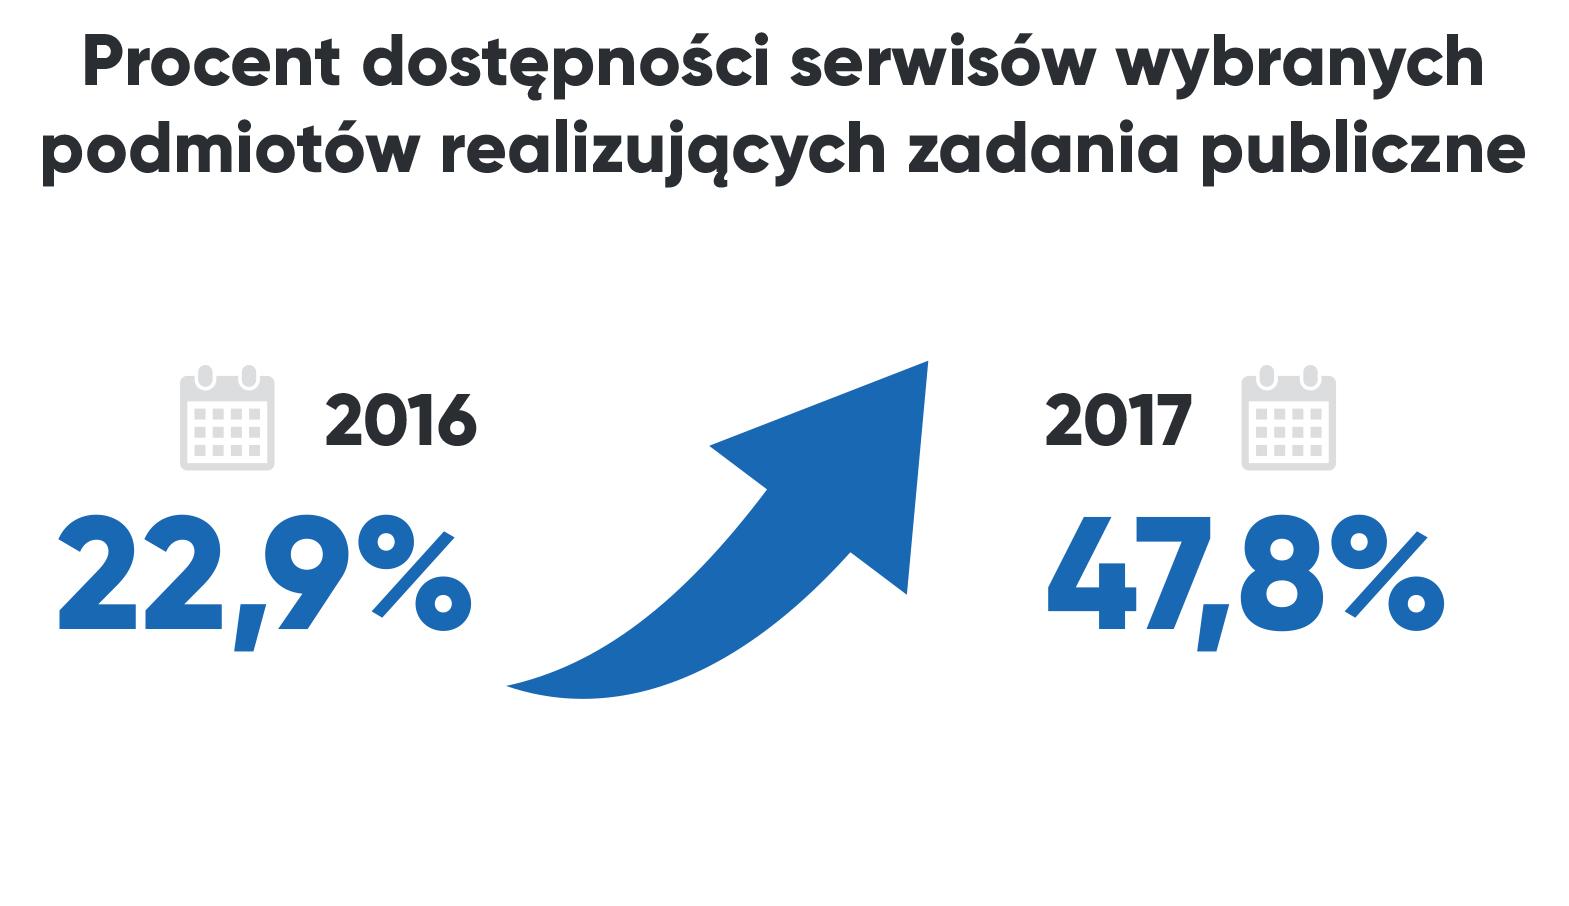 Procent dostępności serwisów wybranych podmiotów realizujących zadania publiczne w 2016 - 22,9% i 2017 roku 47,8